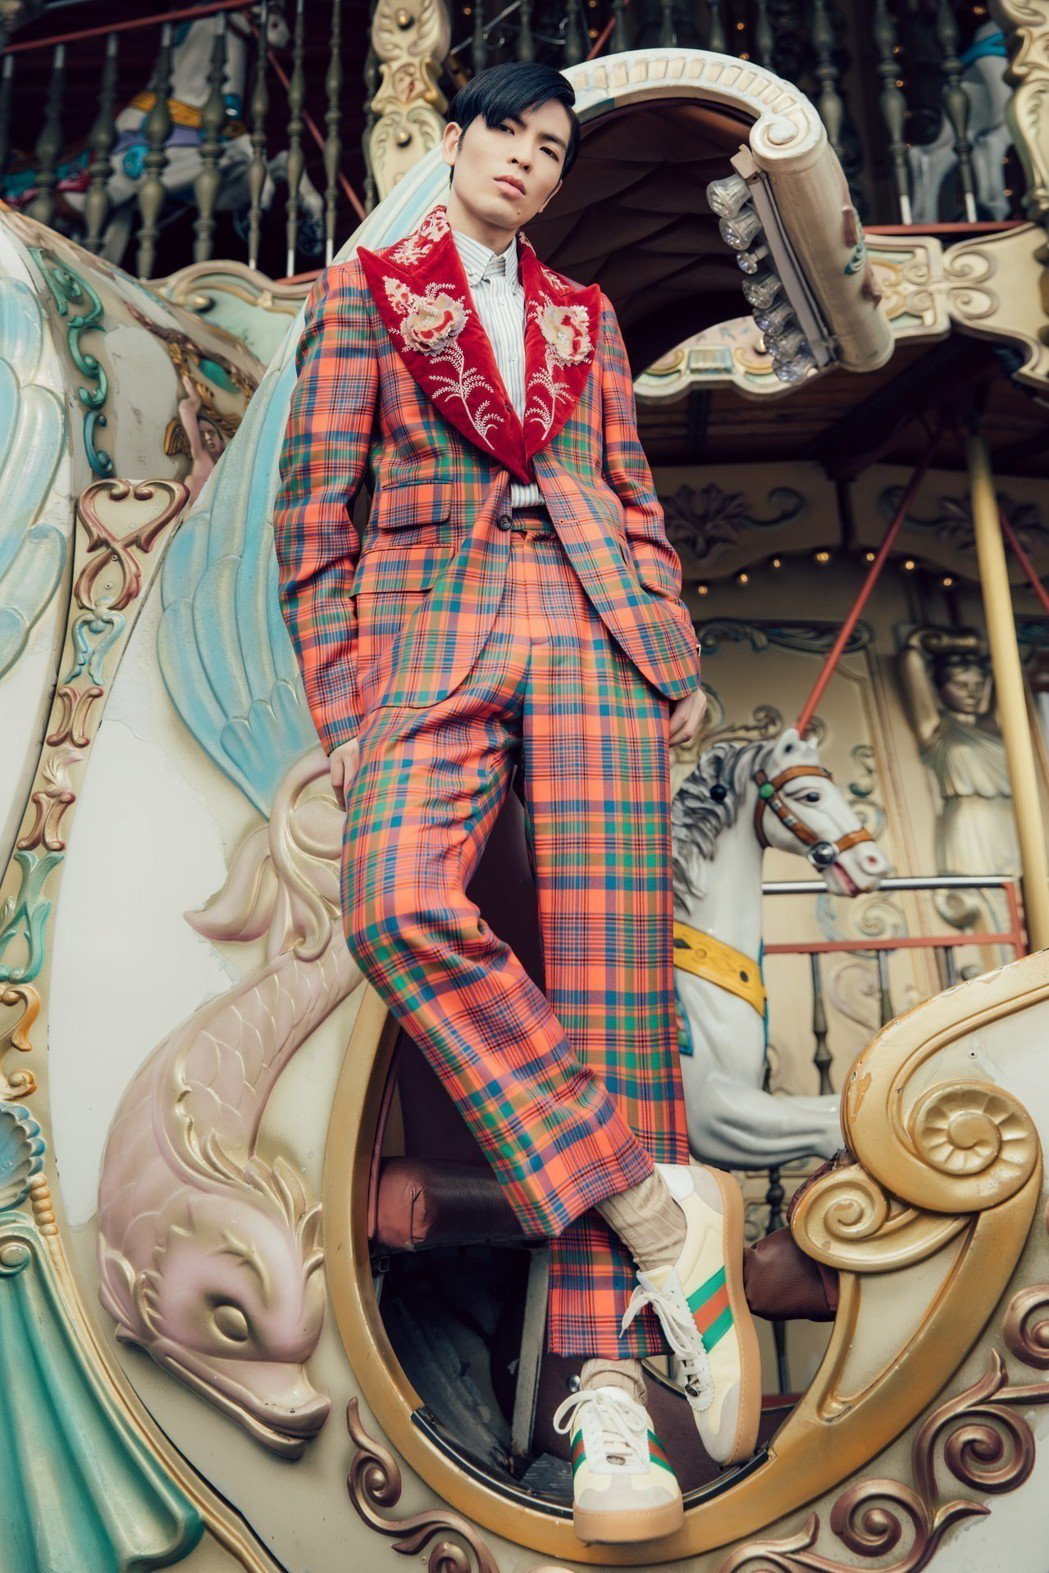 蕭敬騰新專輯「欲望反光」將於6月22日發行。圖/華納提供